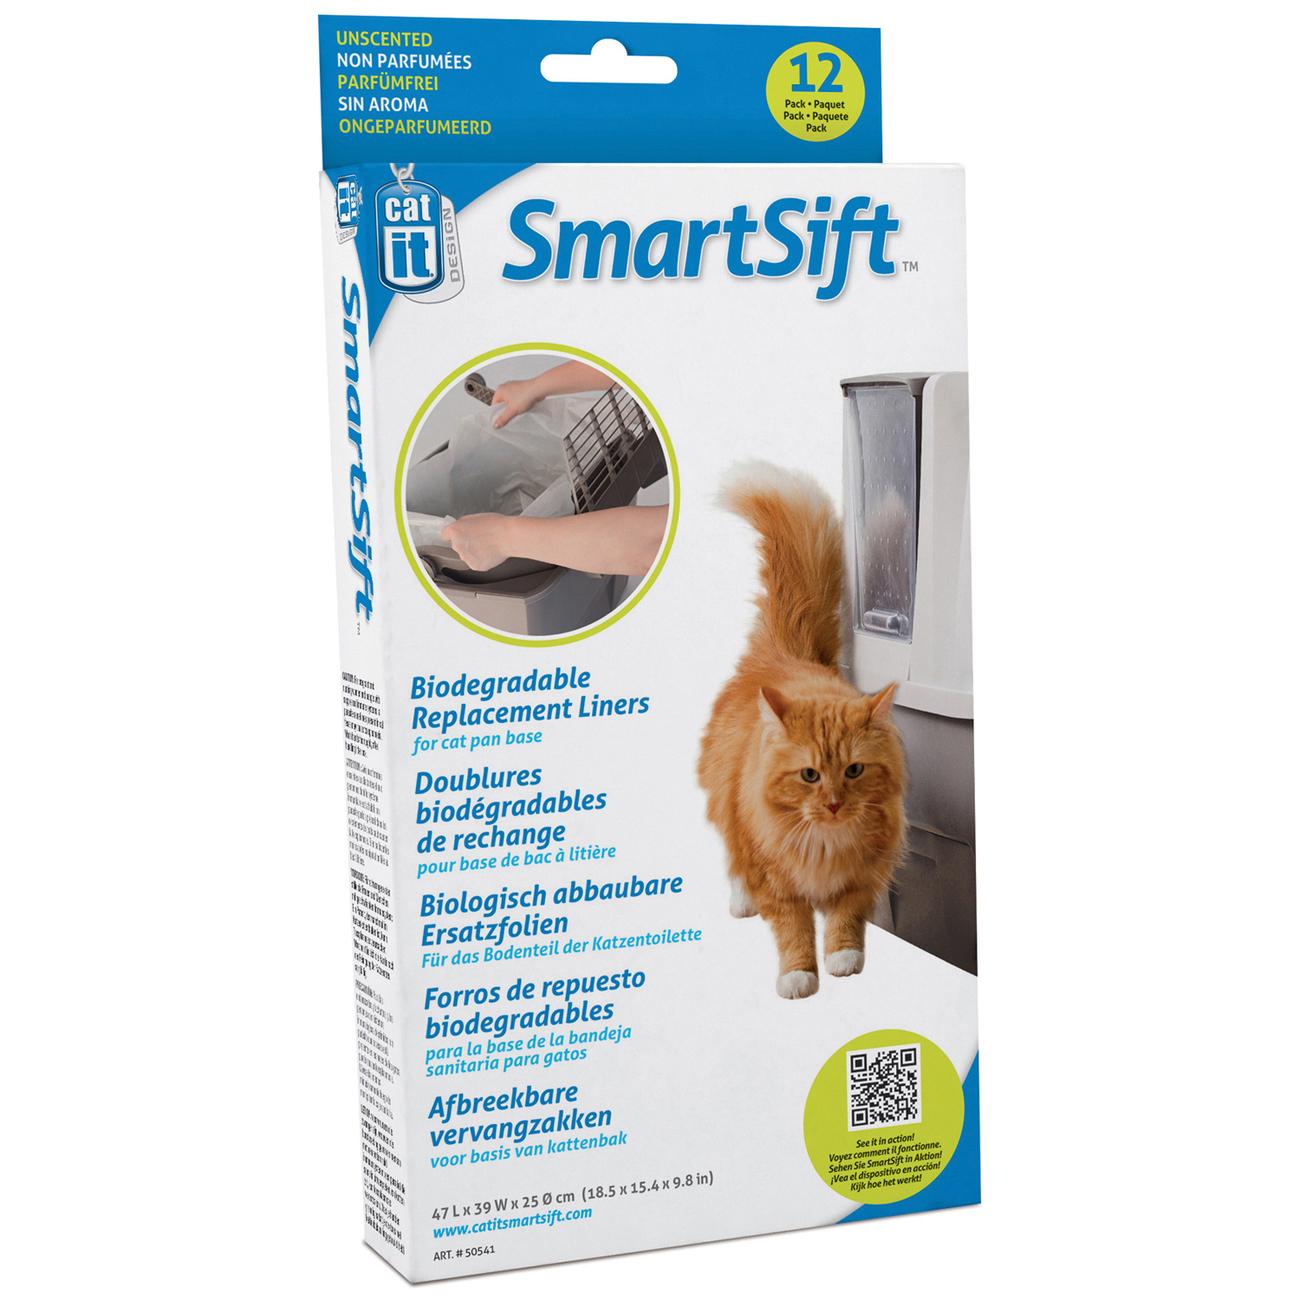 Ersatzbeutel für Catit Smart Sift selbstreinigende Katzentoilette, für Bodenteil, 12 Stück